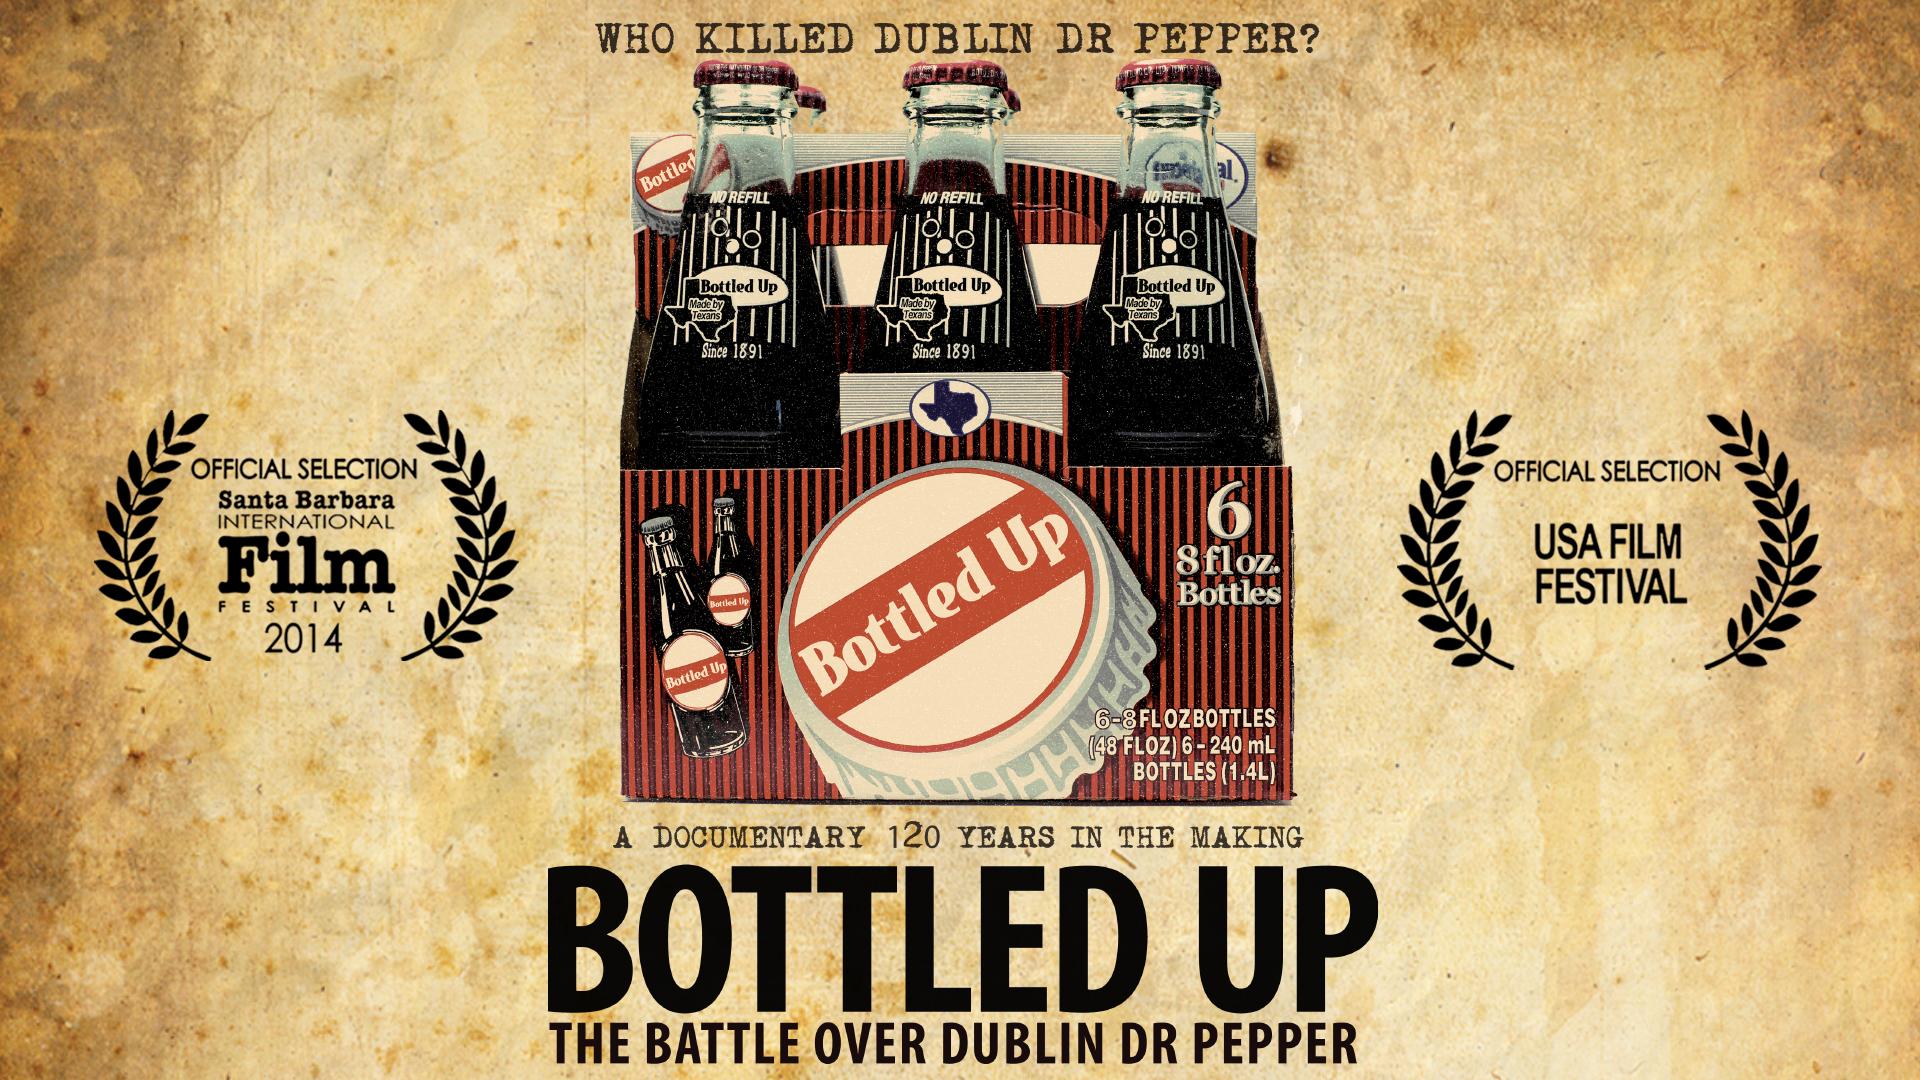 Bottled Up - The Battle Over Dublin Dr Pepper